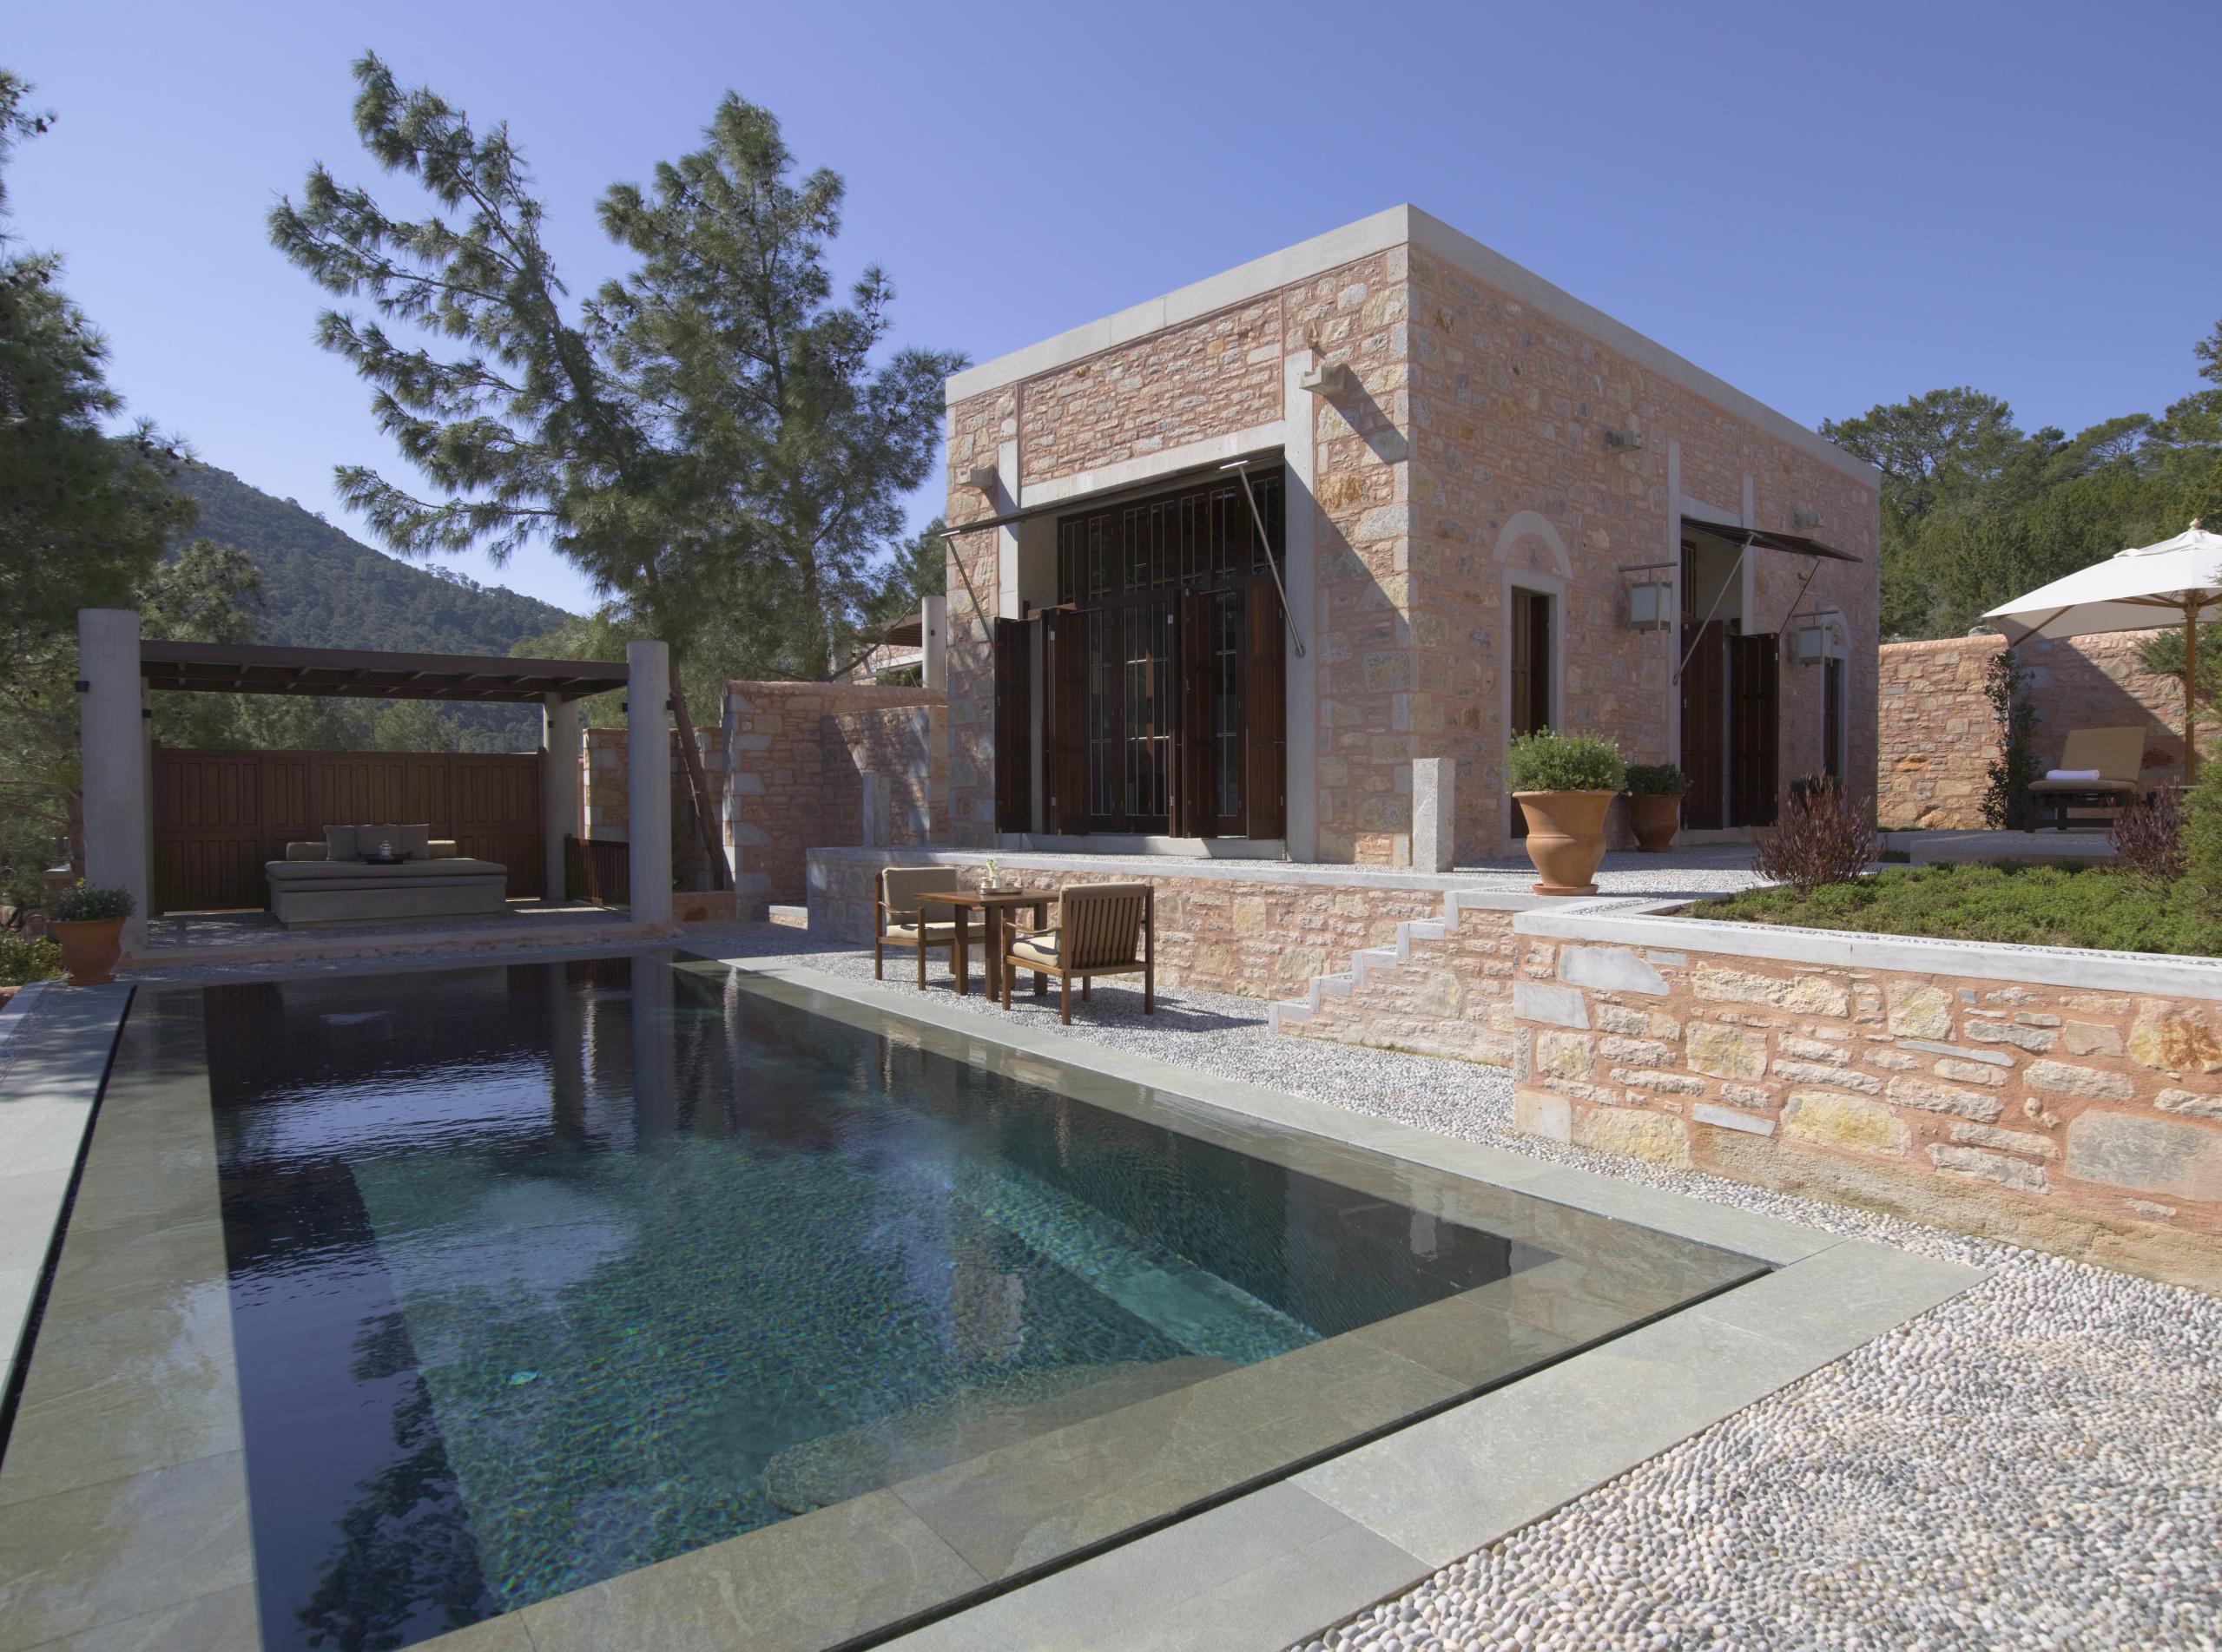 Amanruya-Luxury-Guest-Pavilion